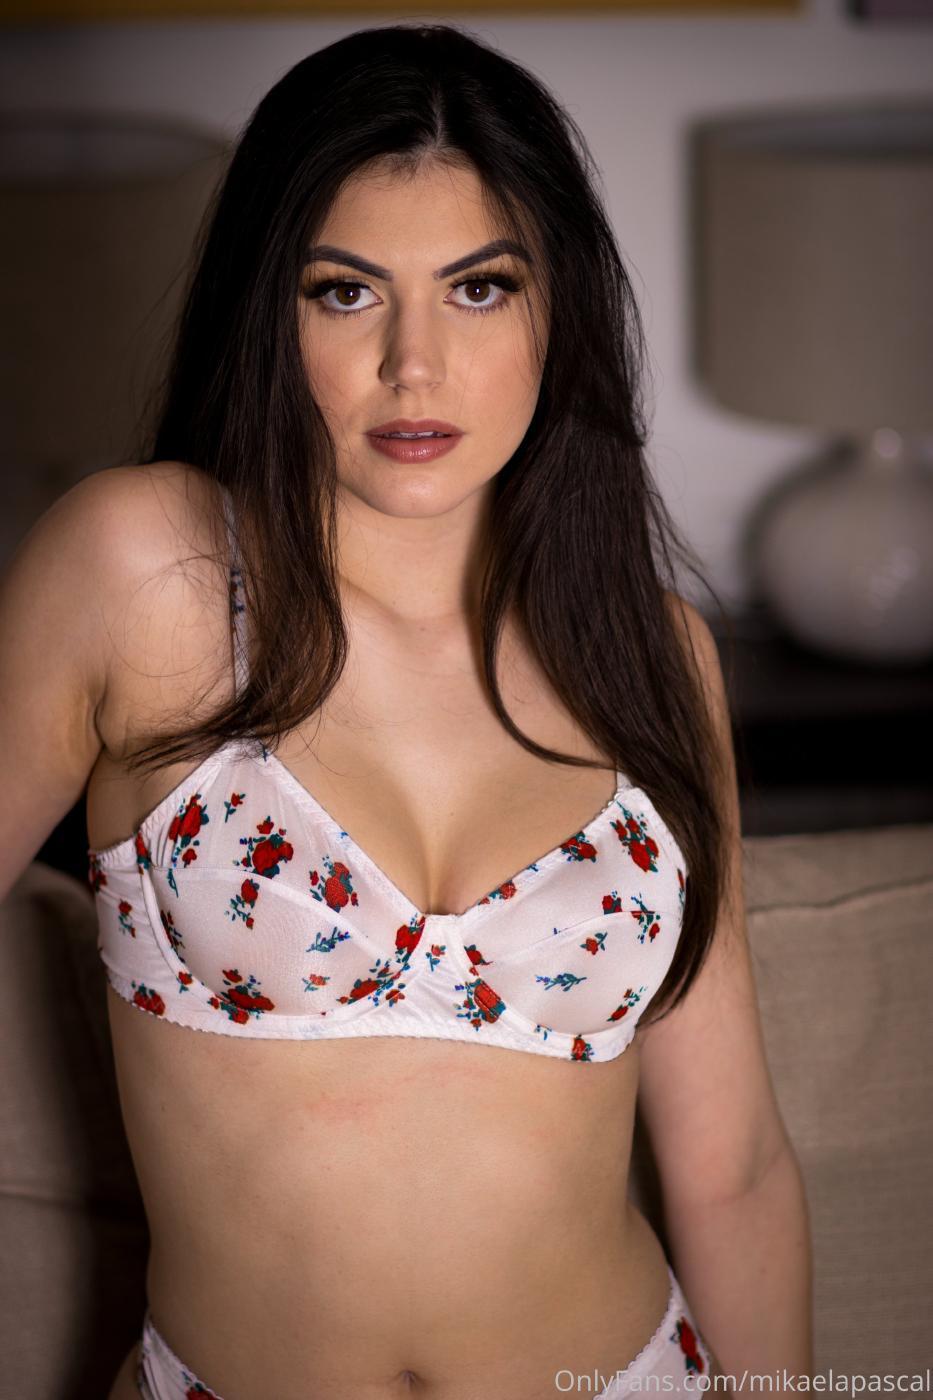 Mikaela Pascal White Flower Lingerie Onlyfans Set Leaked 0001